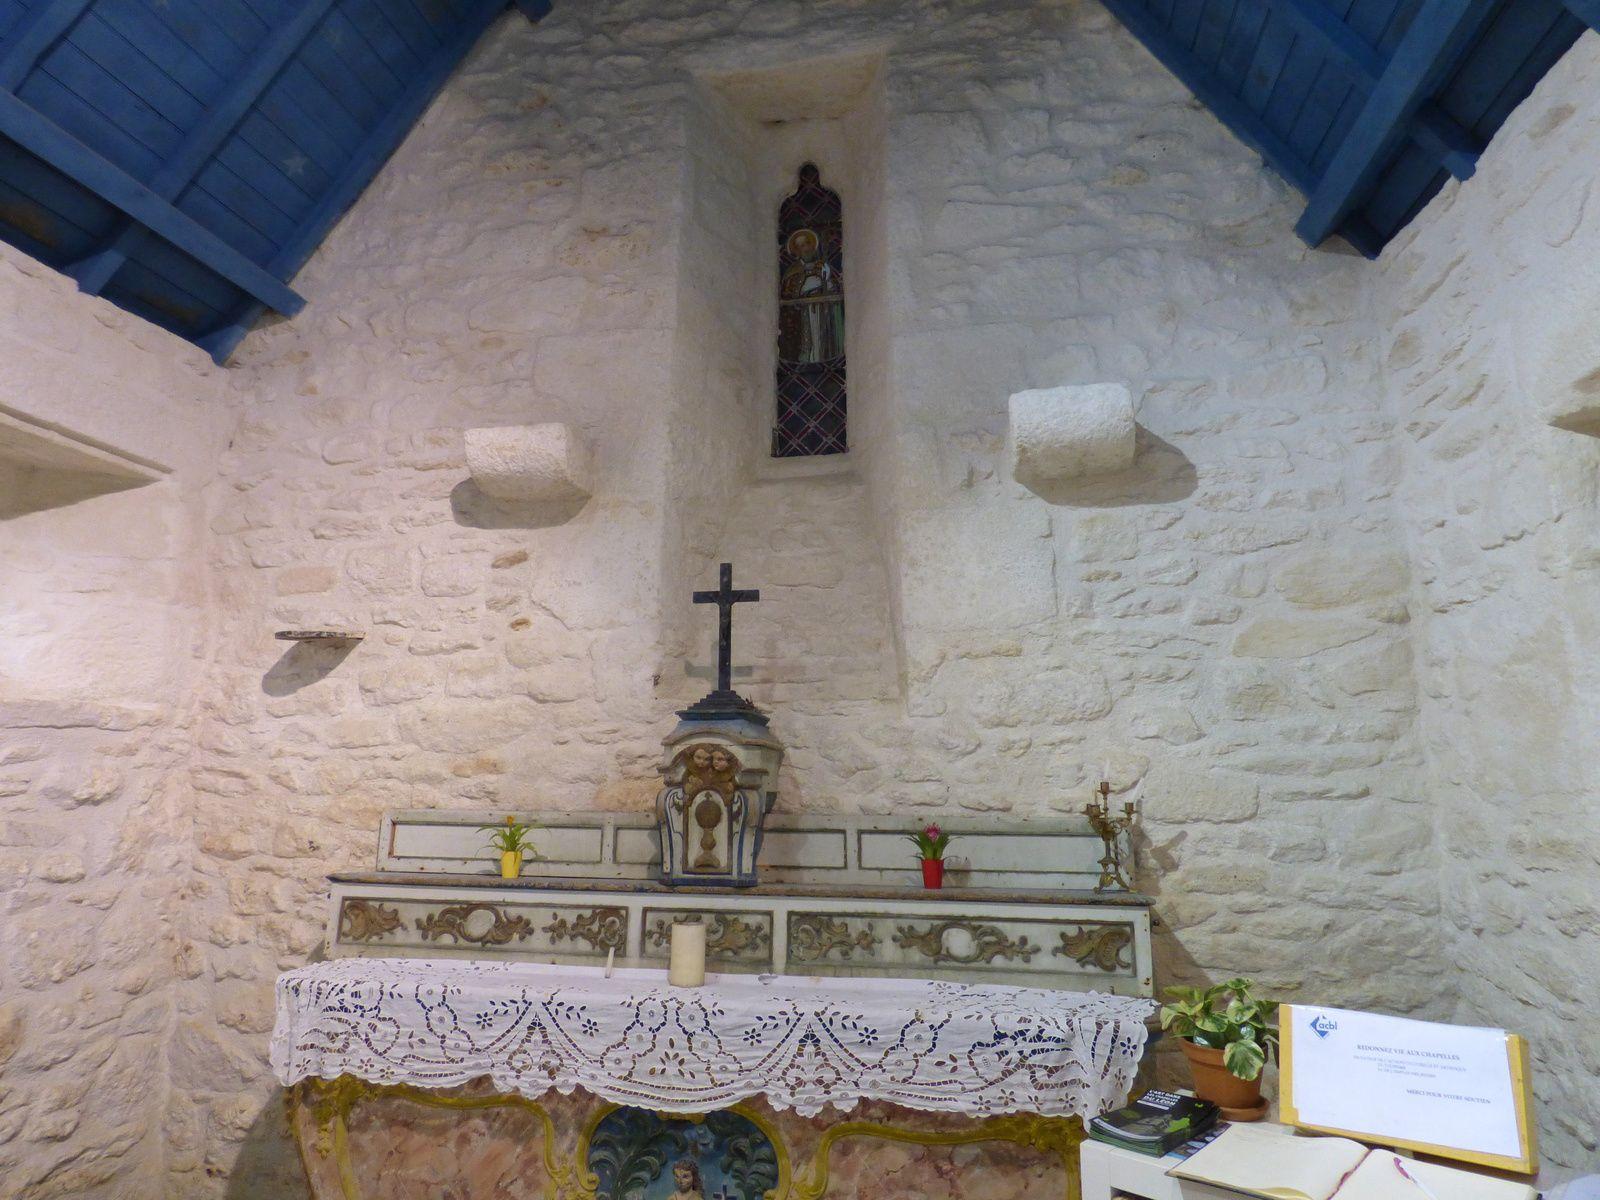 Pol-Aurélien accompagné de Malo, Tugdual, Samson, Brieuc, Corentin et Patern, est considéré comme un des septs saints fondateurs de la Bretagne. Les septs hommes fondèrent sept cités épiscopales . Pol-Aurélien est né 480 ou 492 dans le comté de Glamorgan (Morgannwg) au sud du Pays de Galle, non loin de Cardiff. Selon Wrmonoc, moine écrivain, il débarque sur l'île d'Ouessant à l'emplacement de l'actuel village de Porz Paul aux alentours de 517.